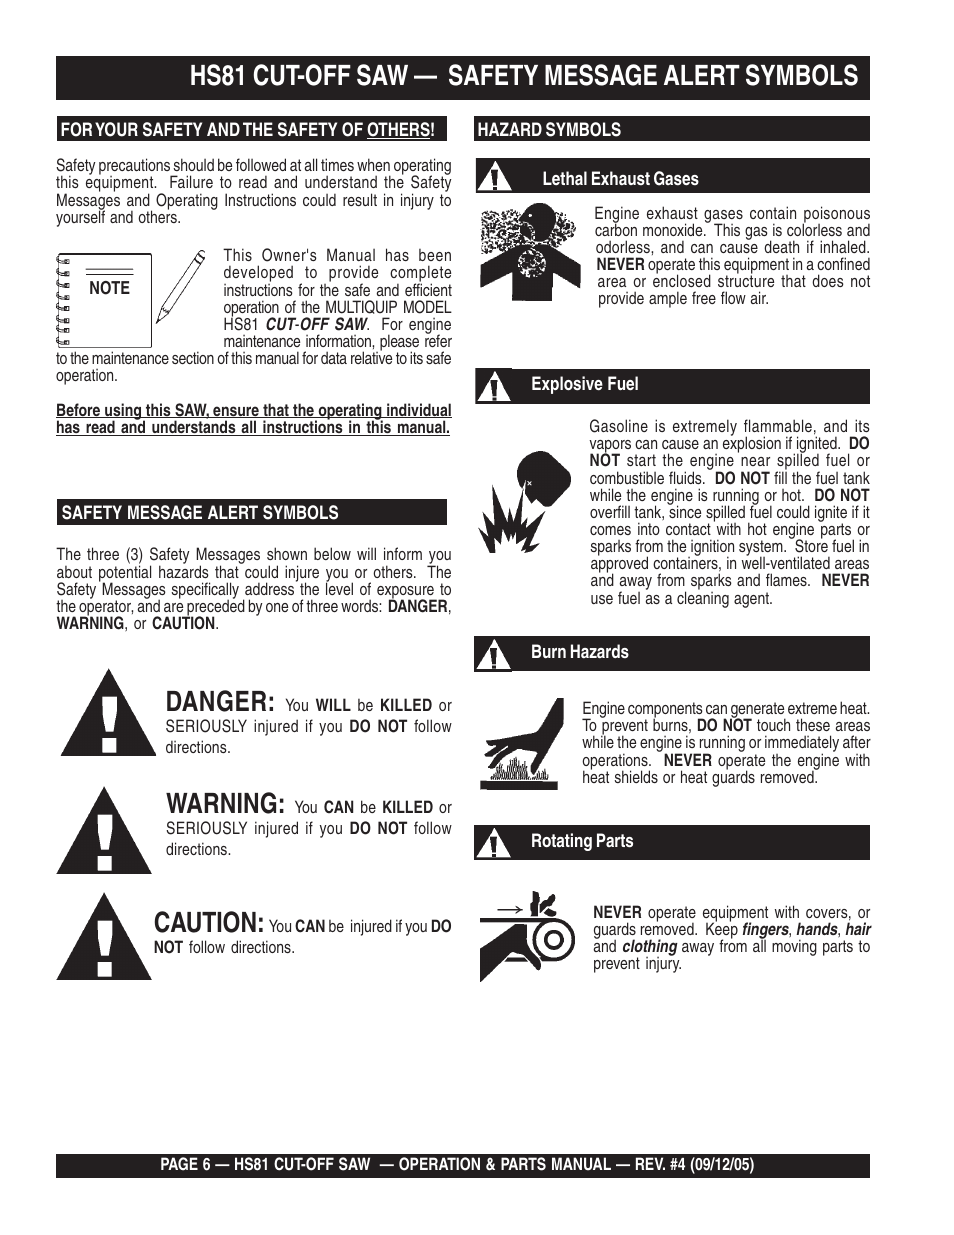 Hs81 cut-off saw — safety message alert symbols, Danger, Warning ...